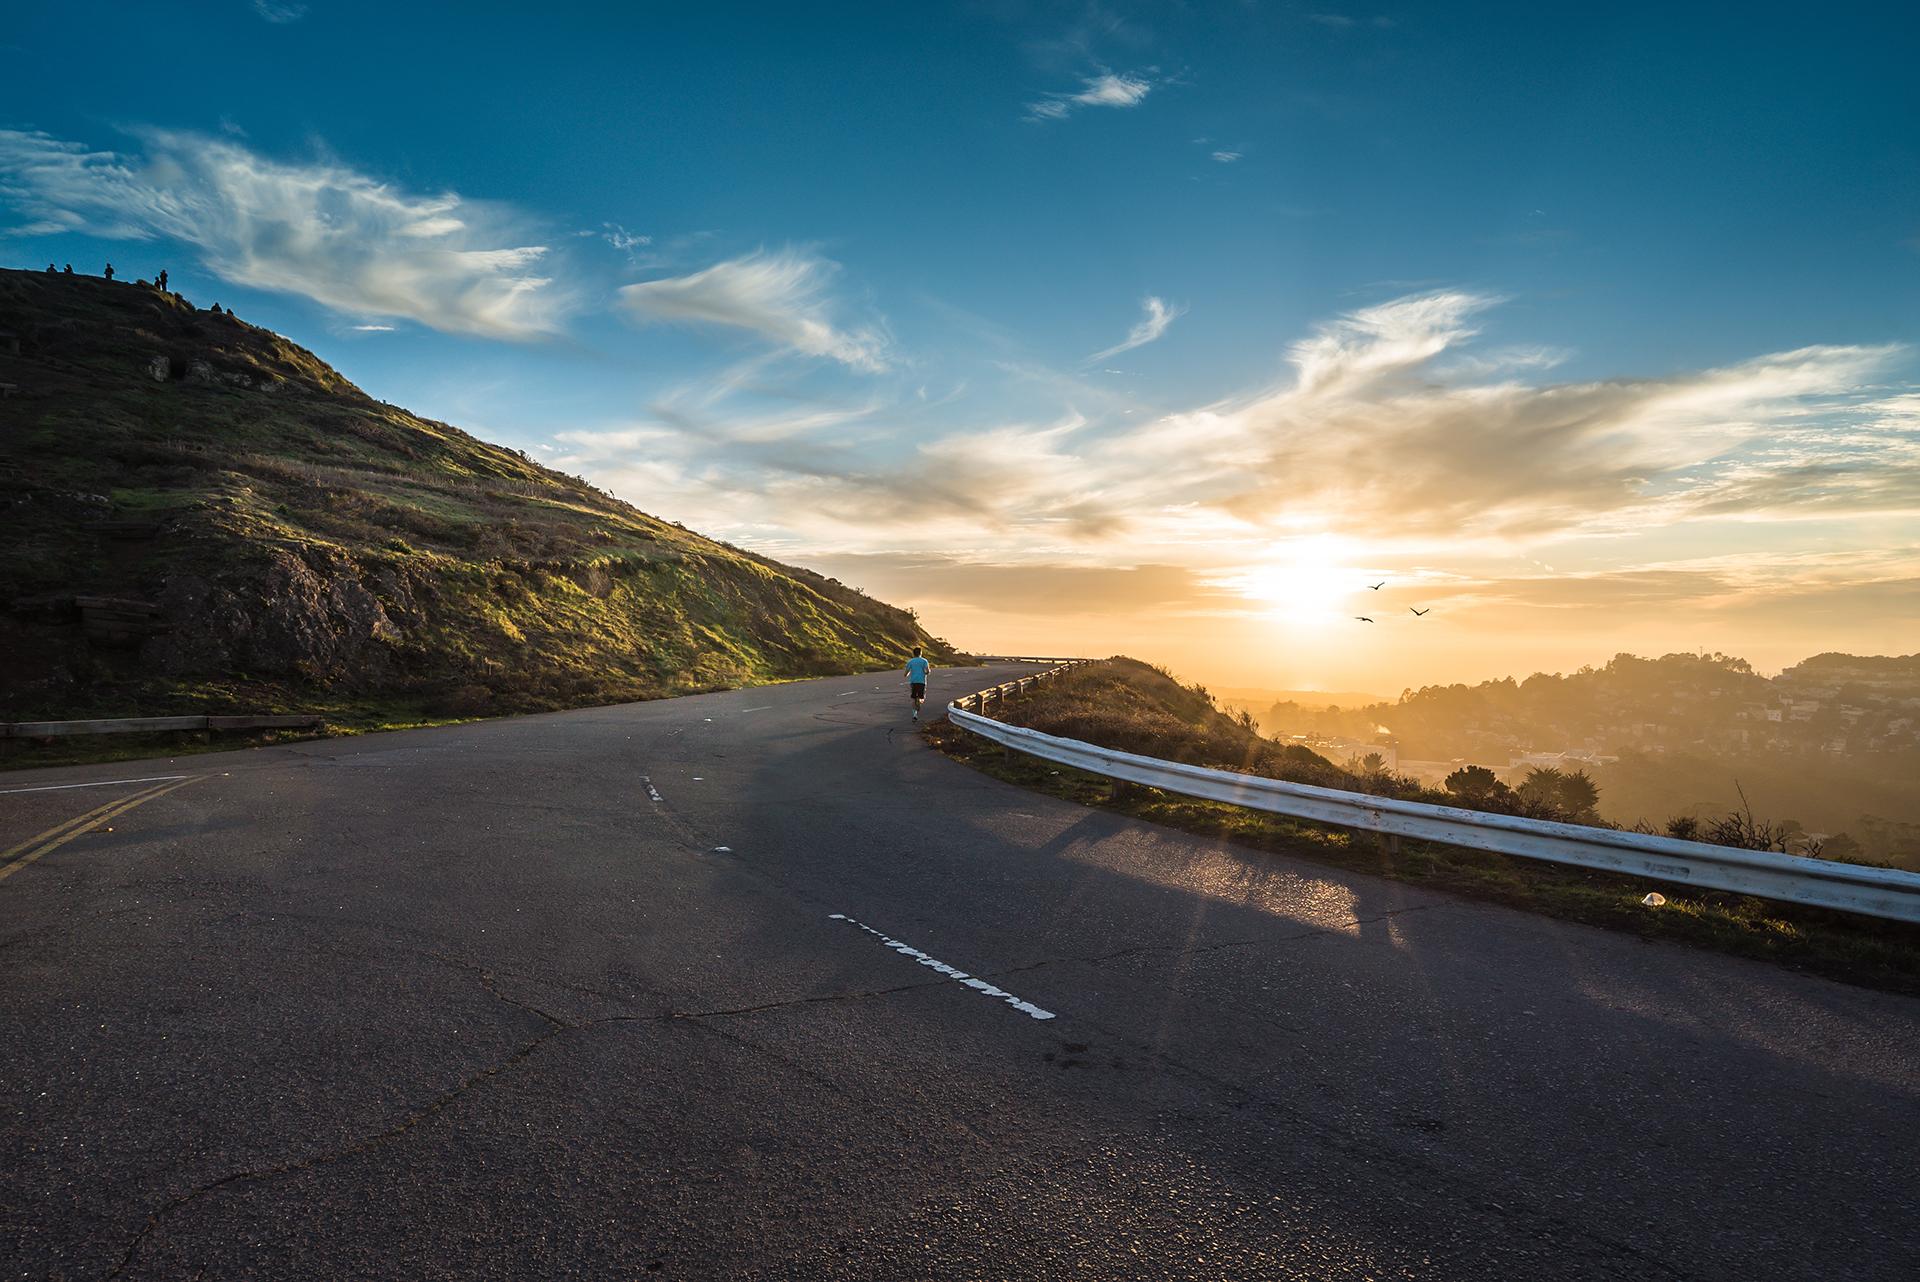 Coucher de soleil sur les montages avec une route et un coureur - Découvrez quatre types de lumières idéales pour prendre une photo